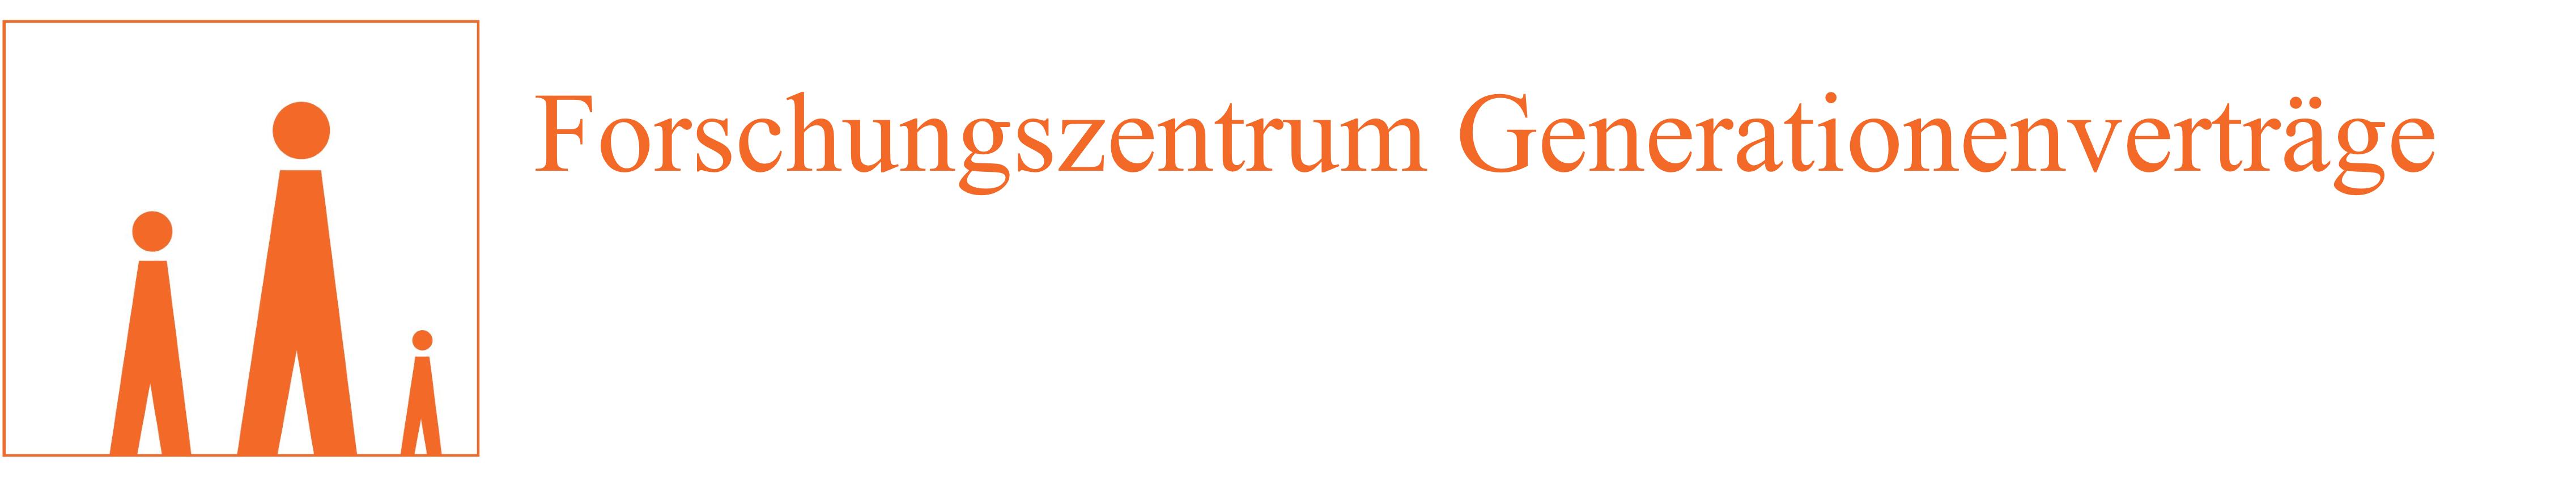 Forschungszentrum Generationenverträge